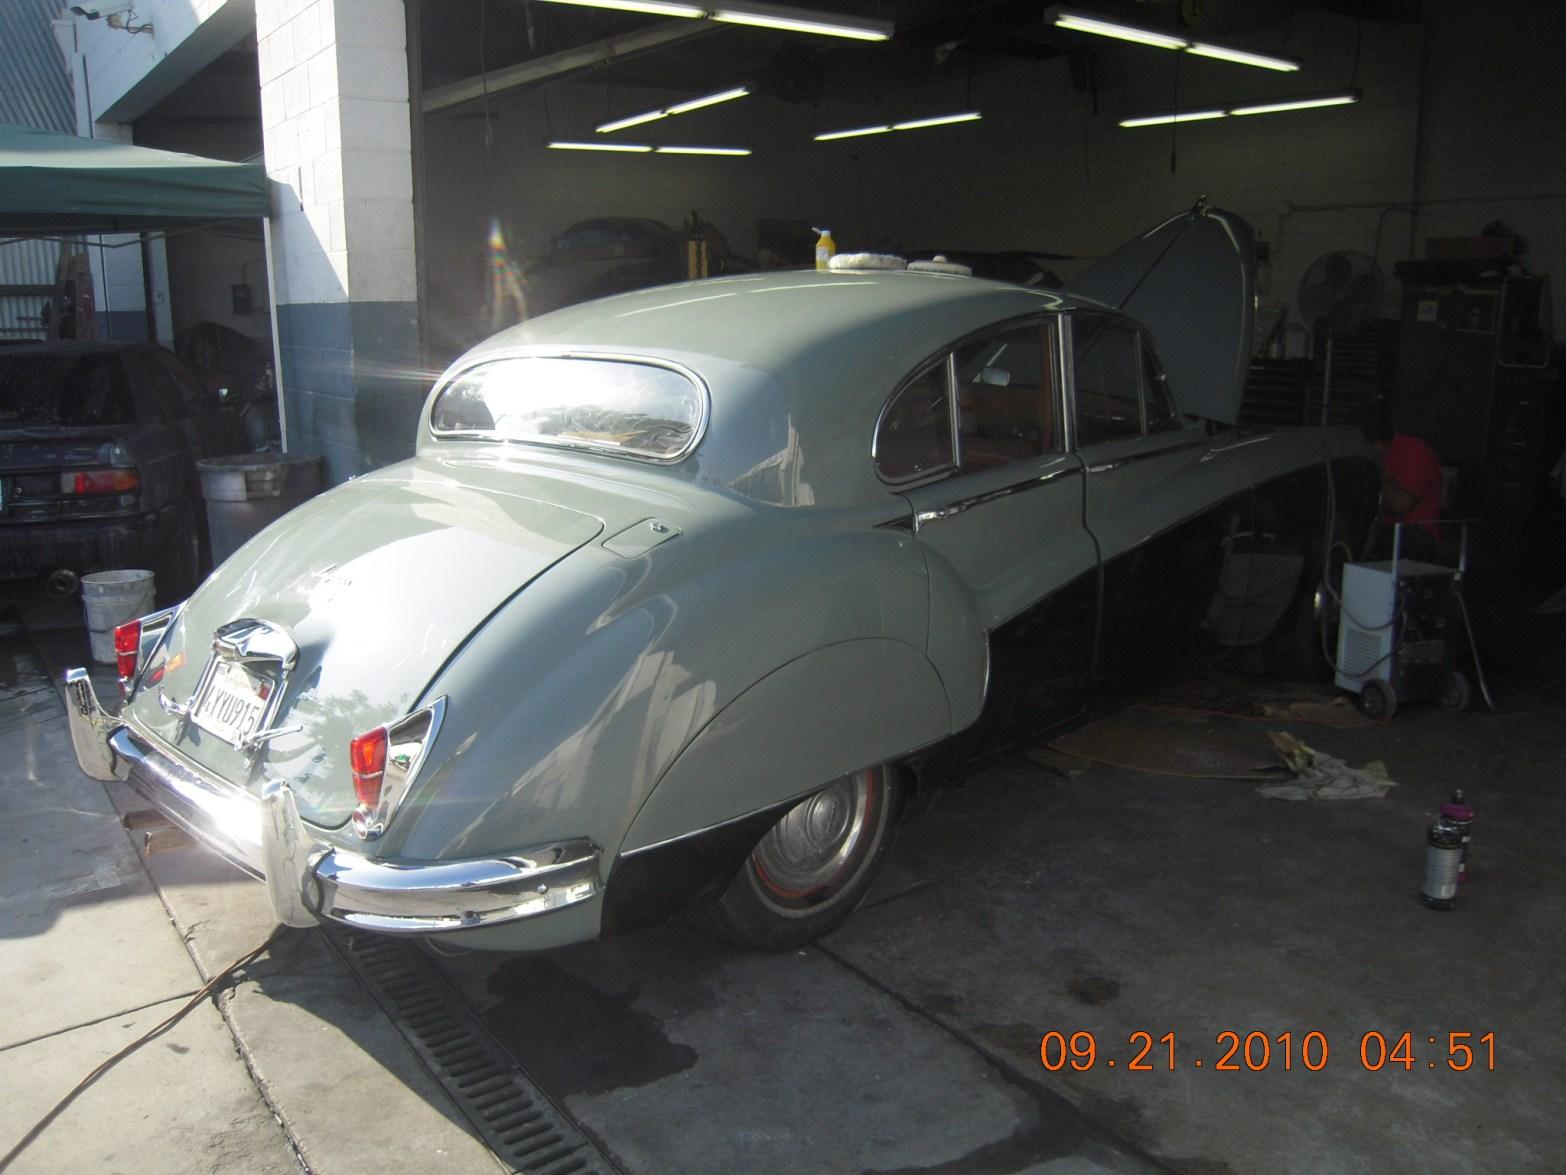 west-coast-body-and-paint-1956-jaguar-mkix-39